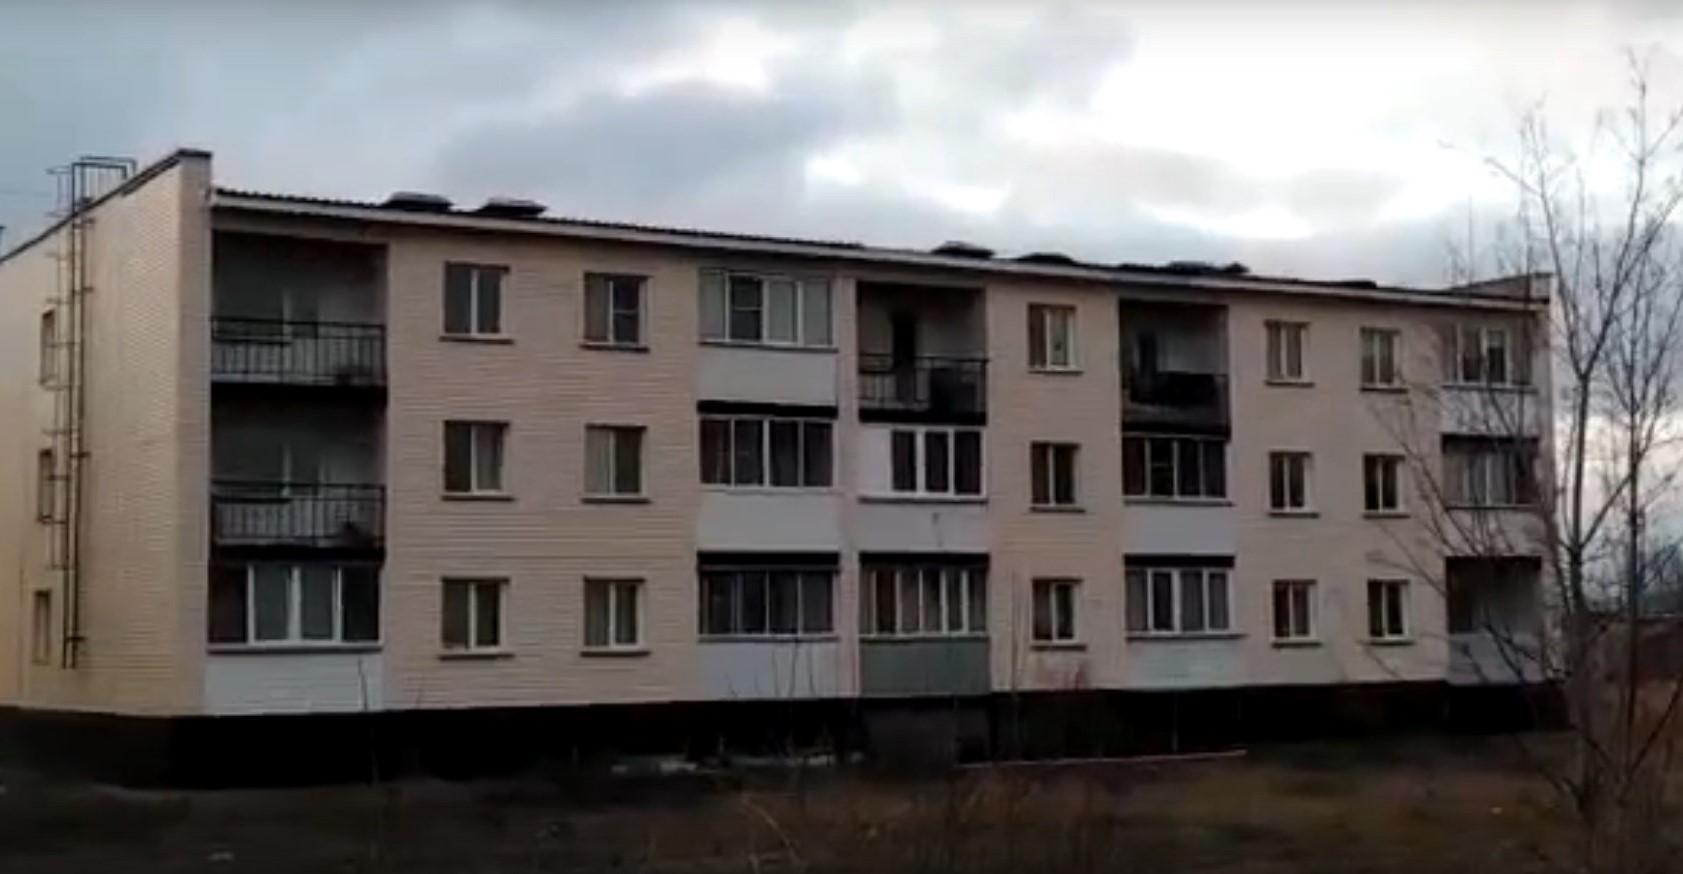 Фото Шквалистый ветер сорвал крышу с переходного моста и жилого дома под Новосибирском 2